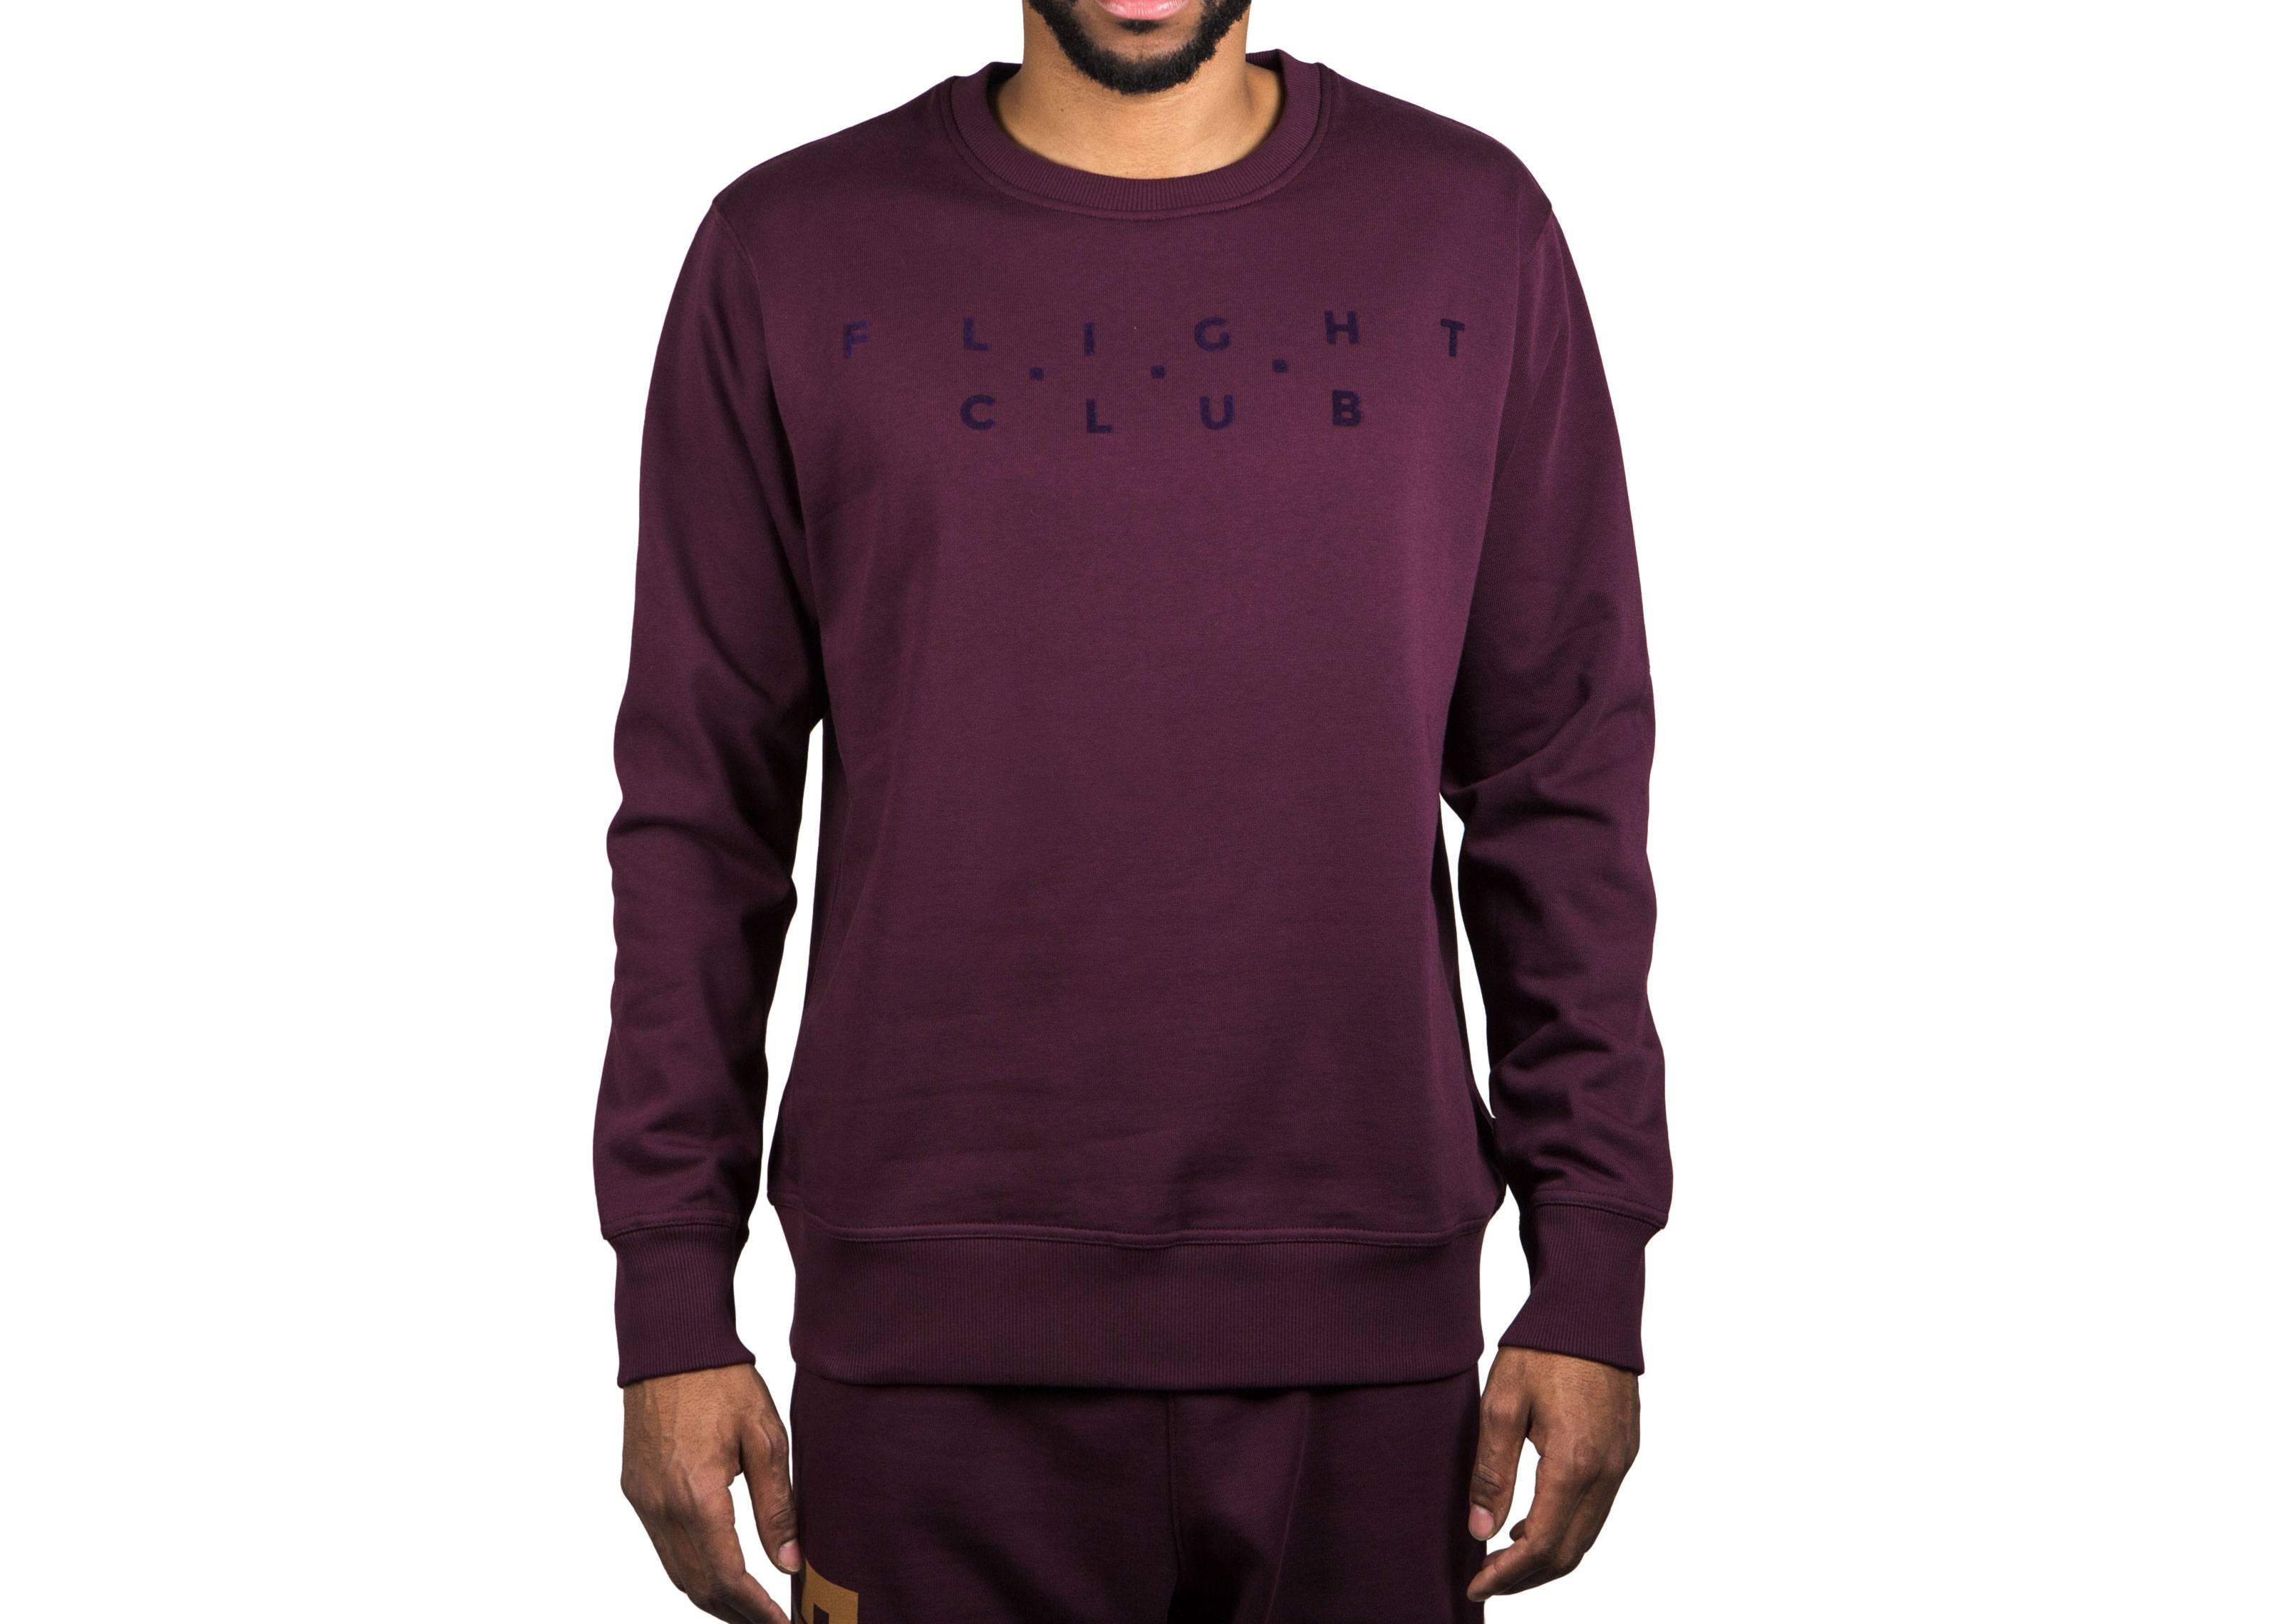 Challenger Crew Neck Sweatshirt